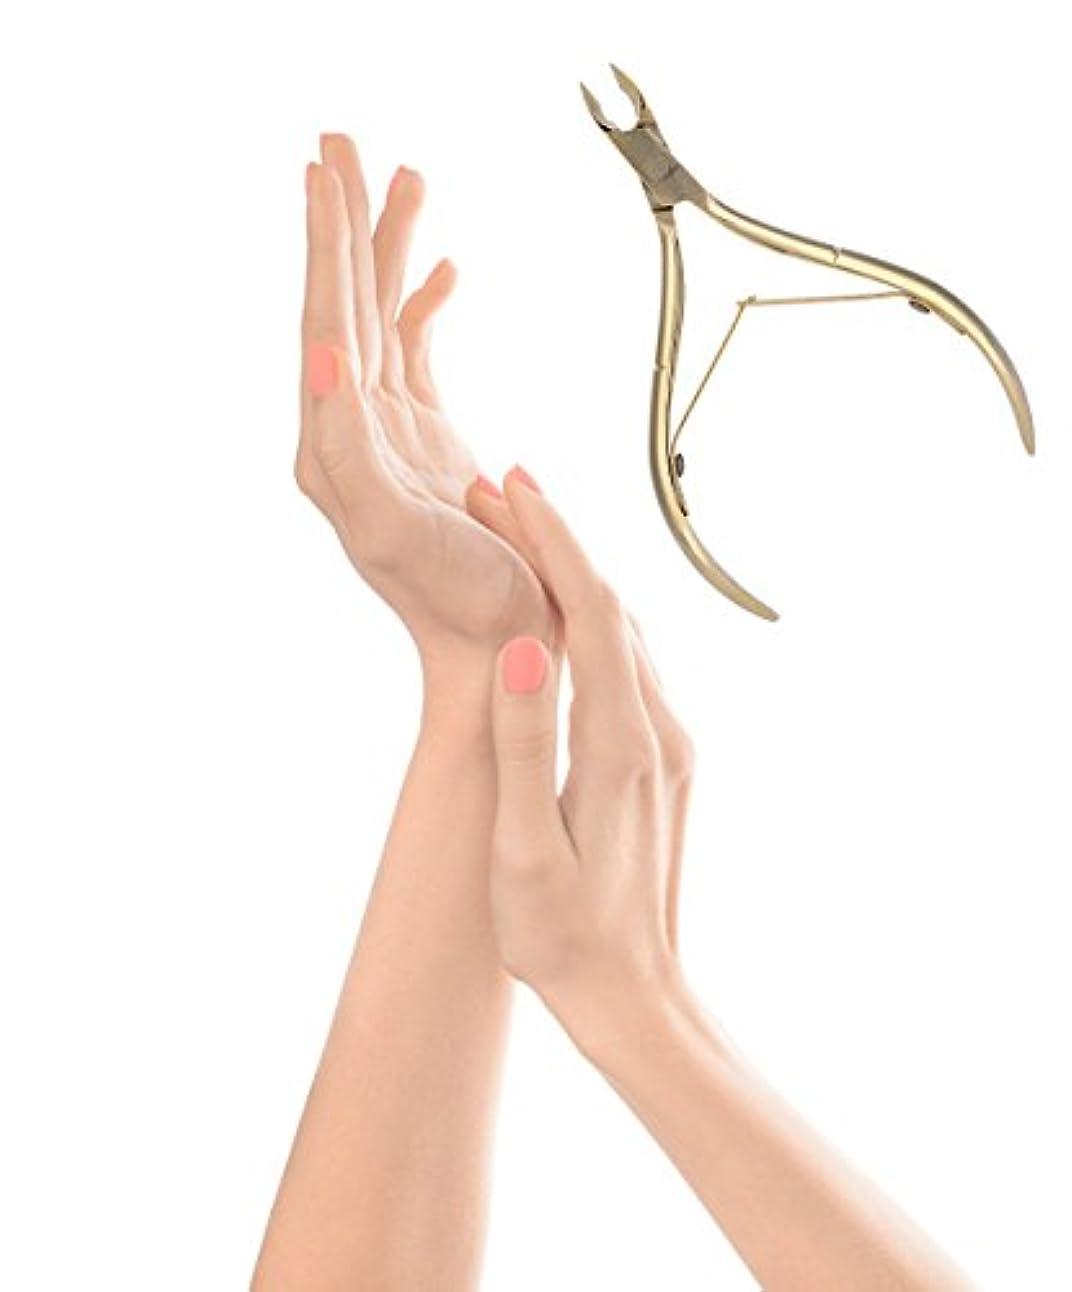 代替歯痛バレル爪切り ネイルケア ネイルマニキュアツール ステンレス鋼 快適で便利